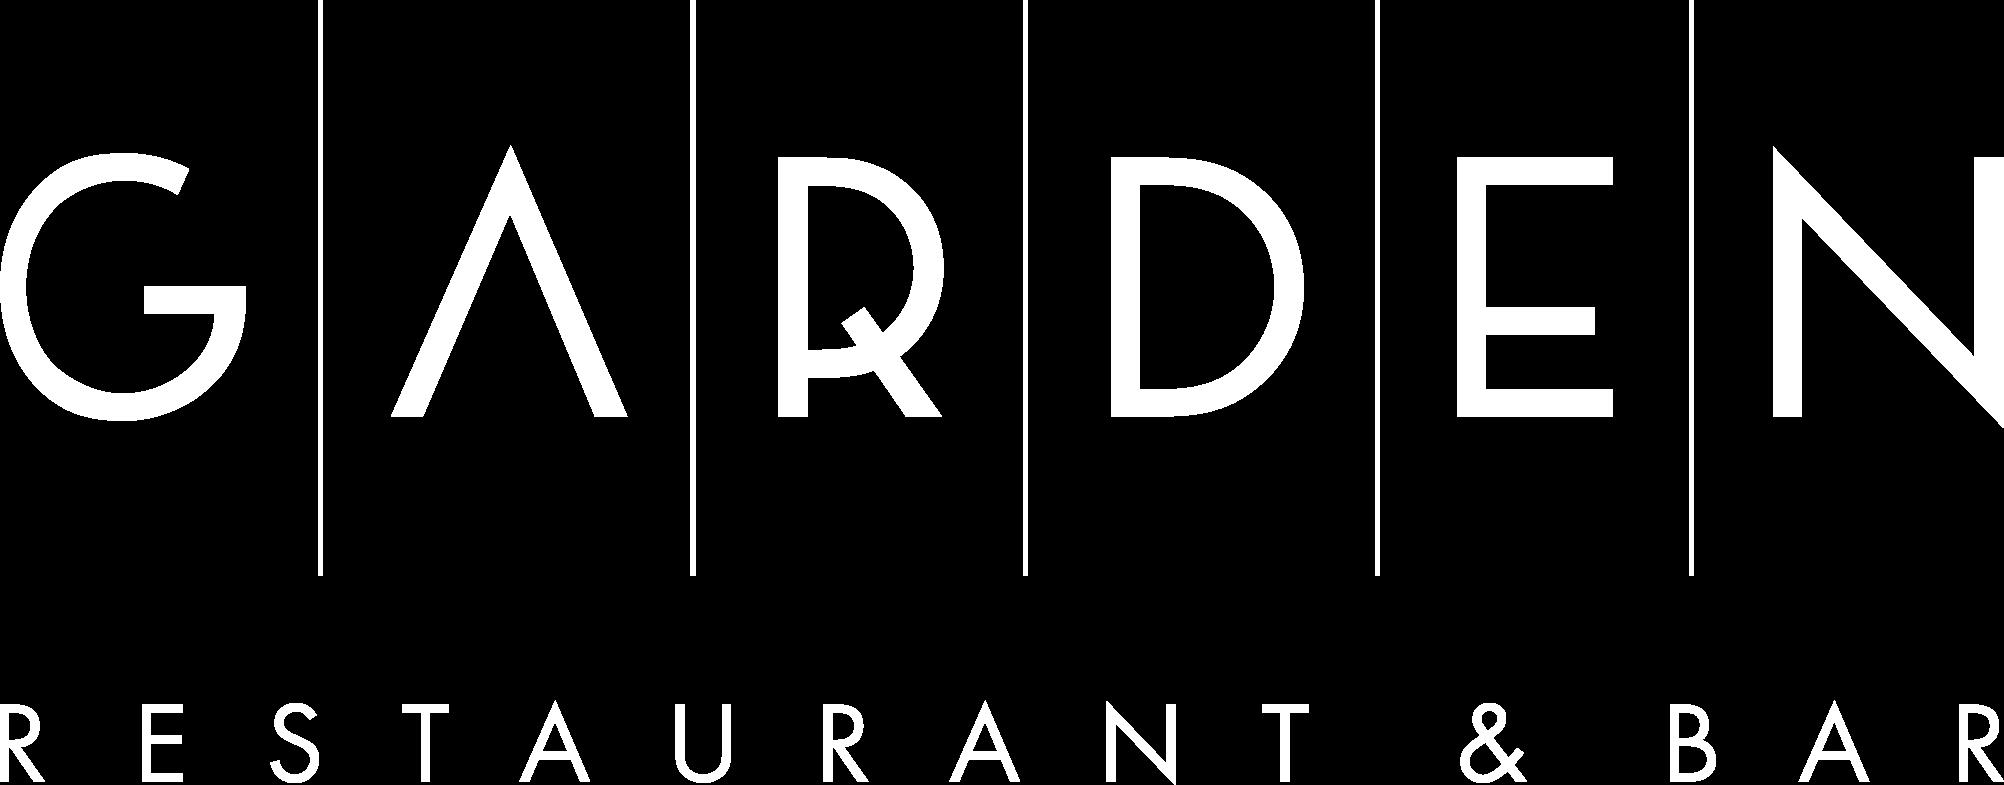 Garden Restaurant - redesign af logo